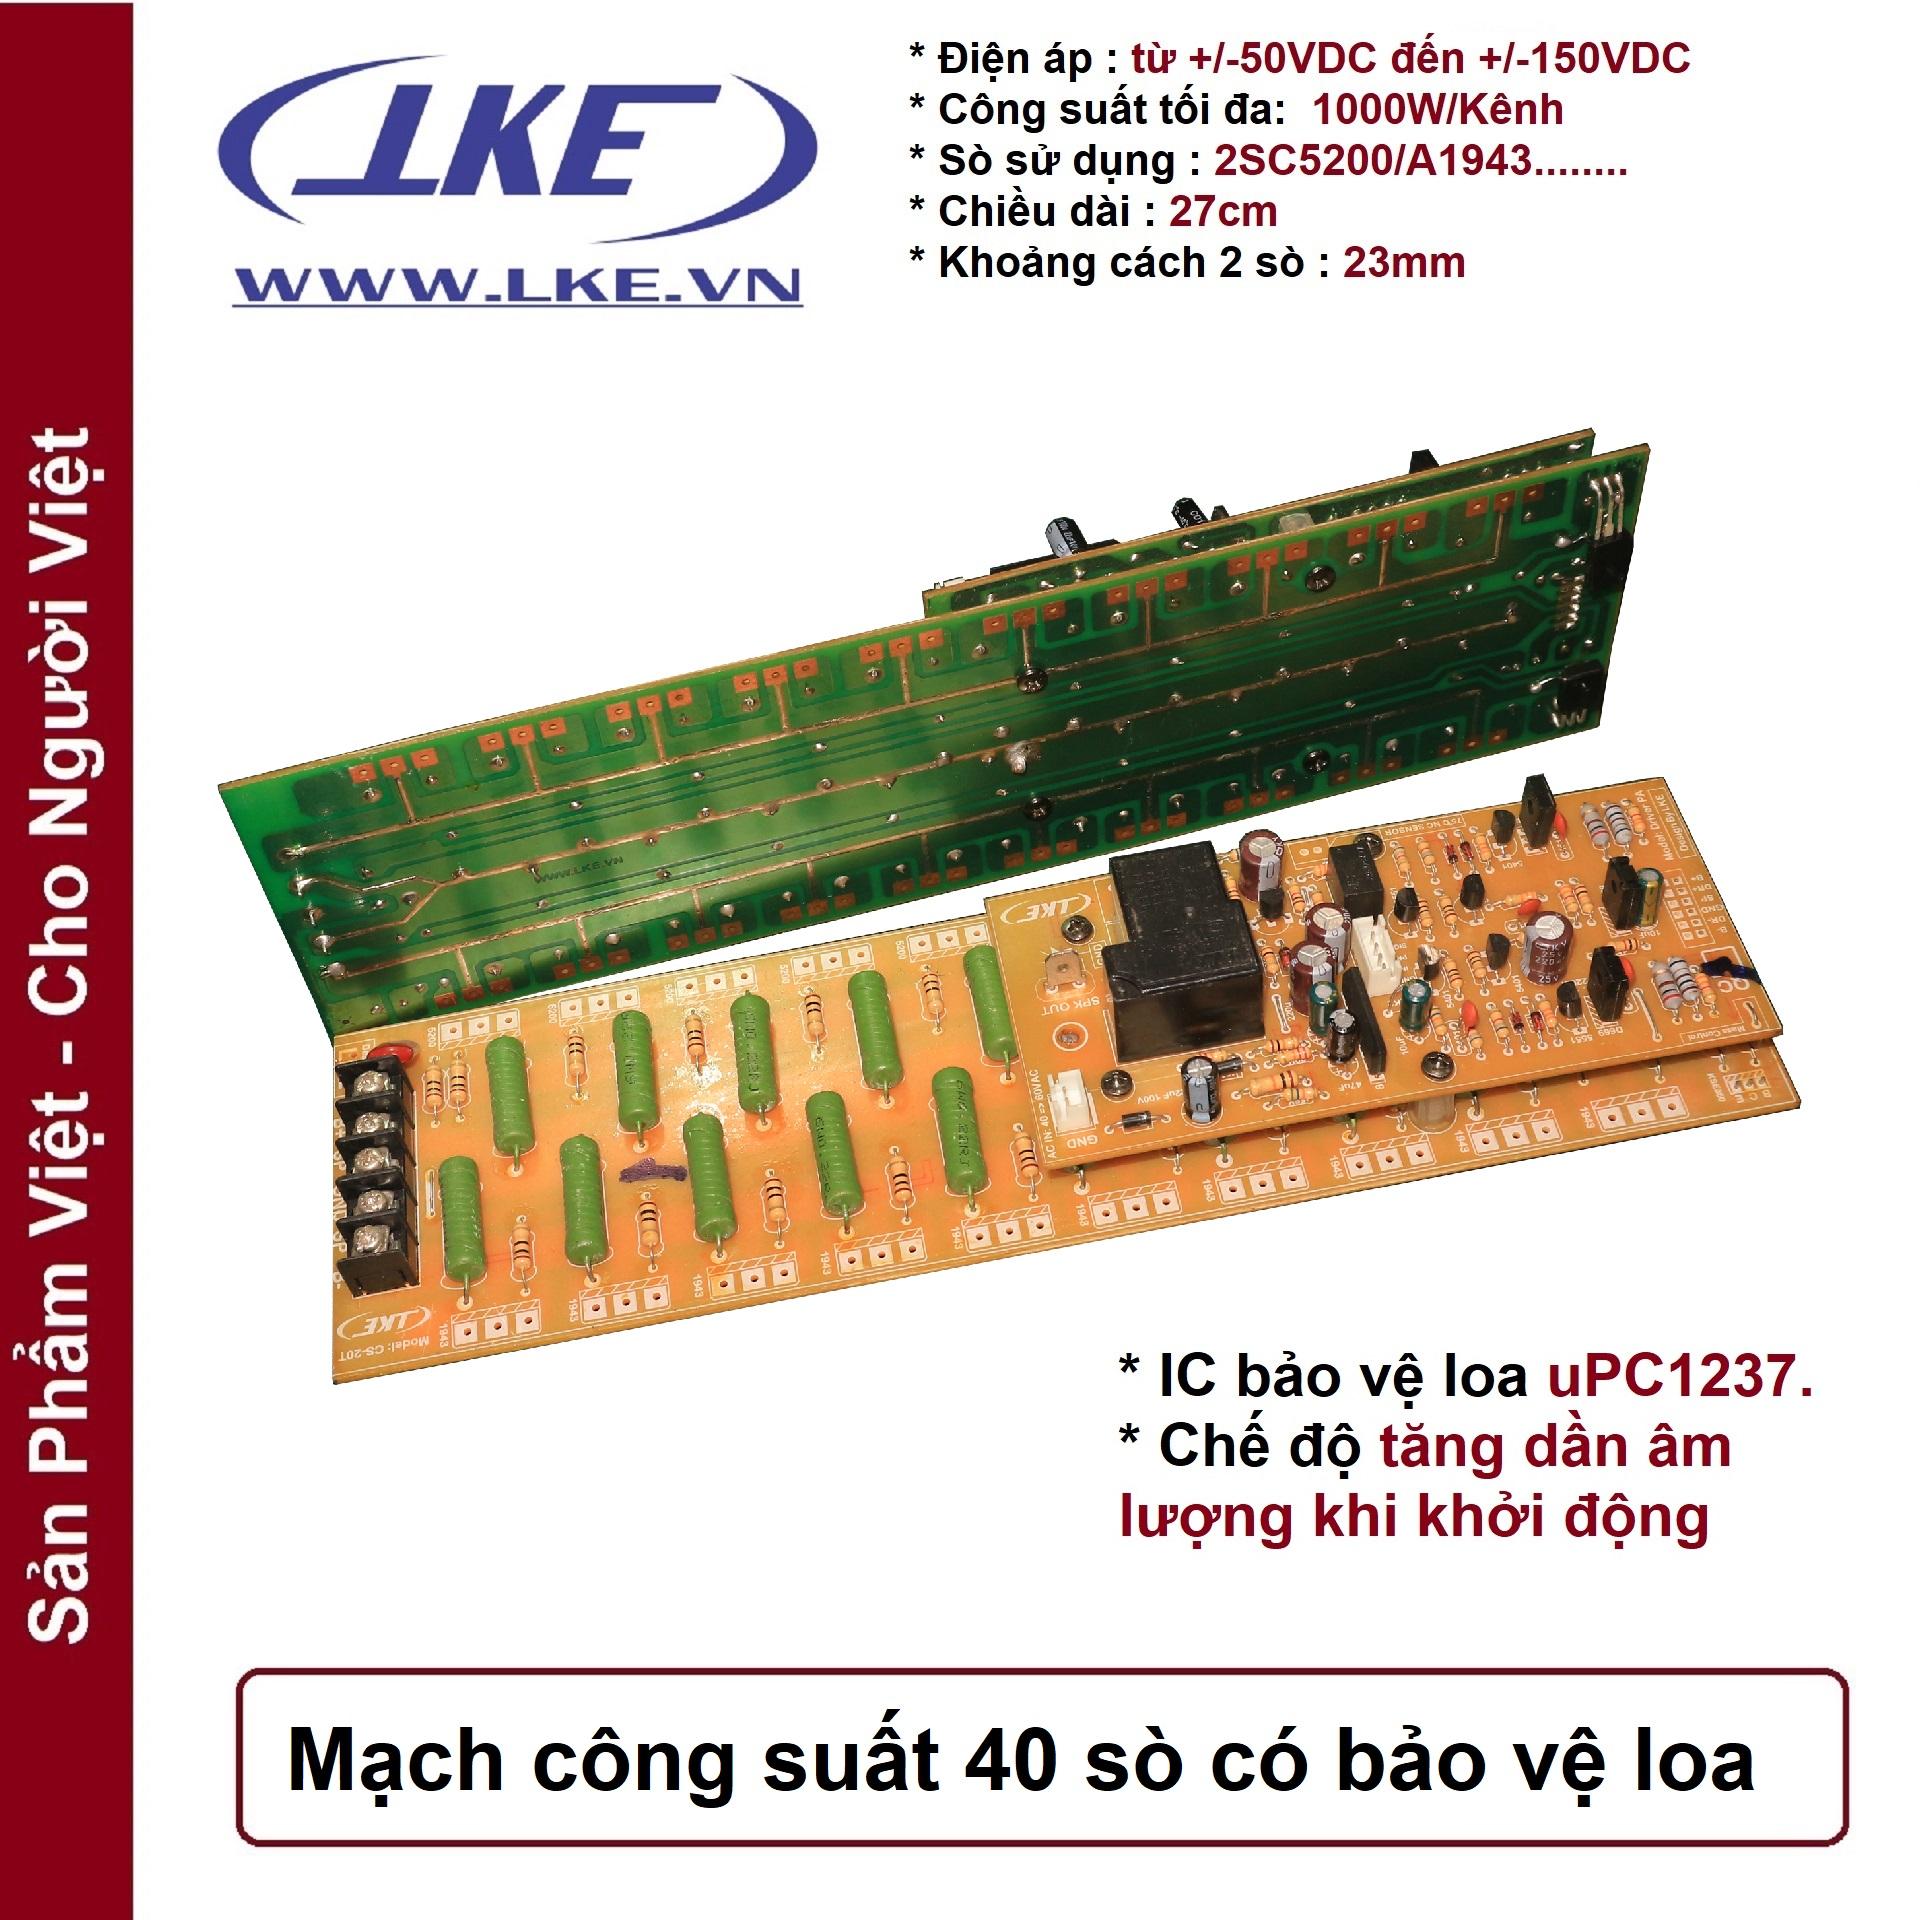 mạch công suất 40 sò có bảo vệ loa 1000w lke